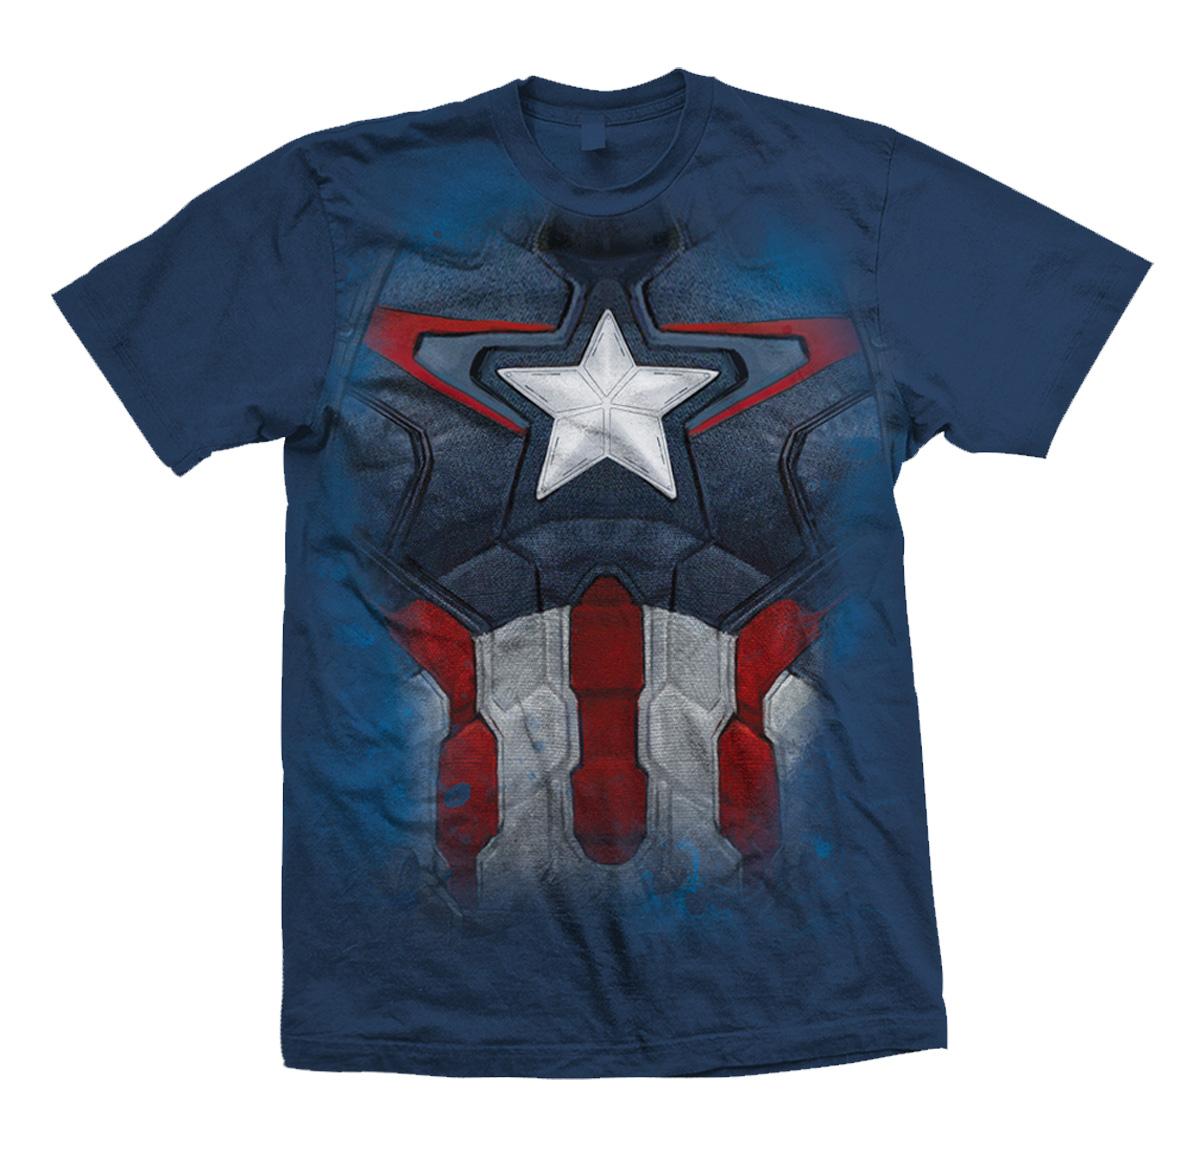 Abbigliamento E Accessori 2019 Fashion T-shirt Maglia Iron Man Marvel Avengers Originale Tutte Le Taglie Disponibili